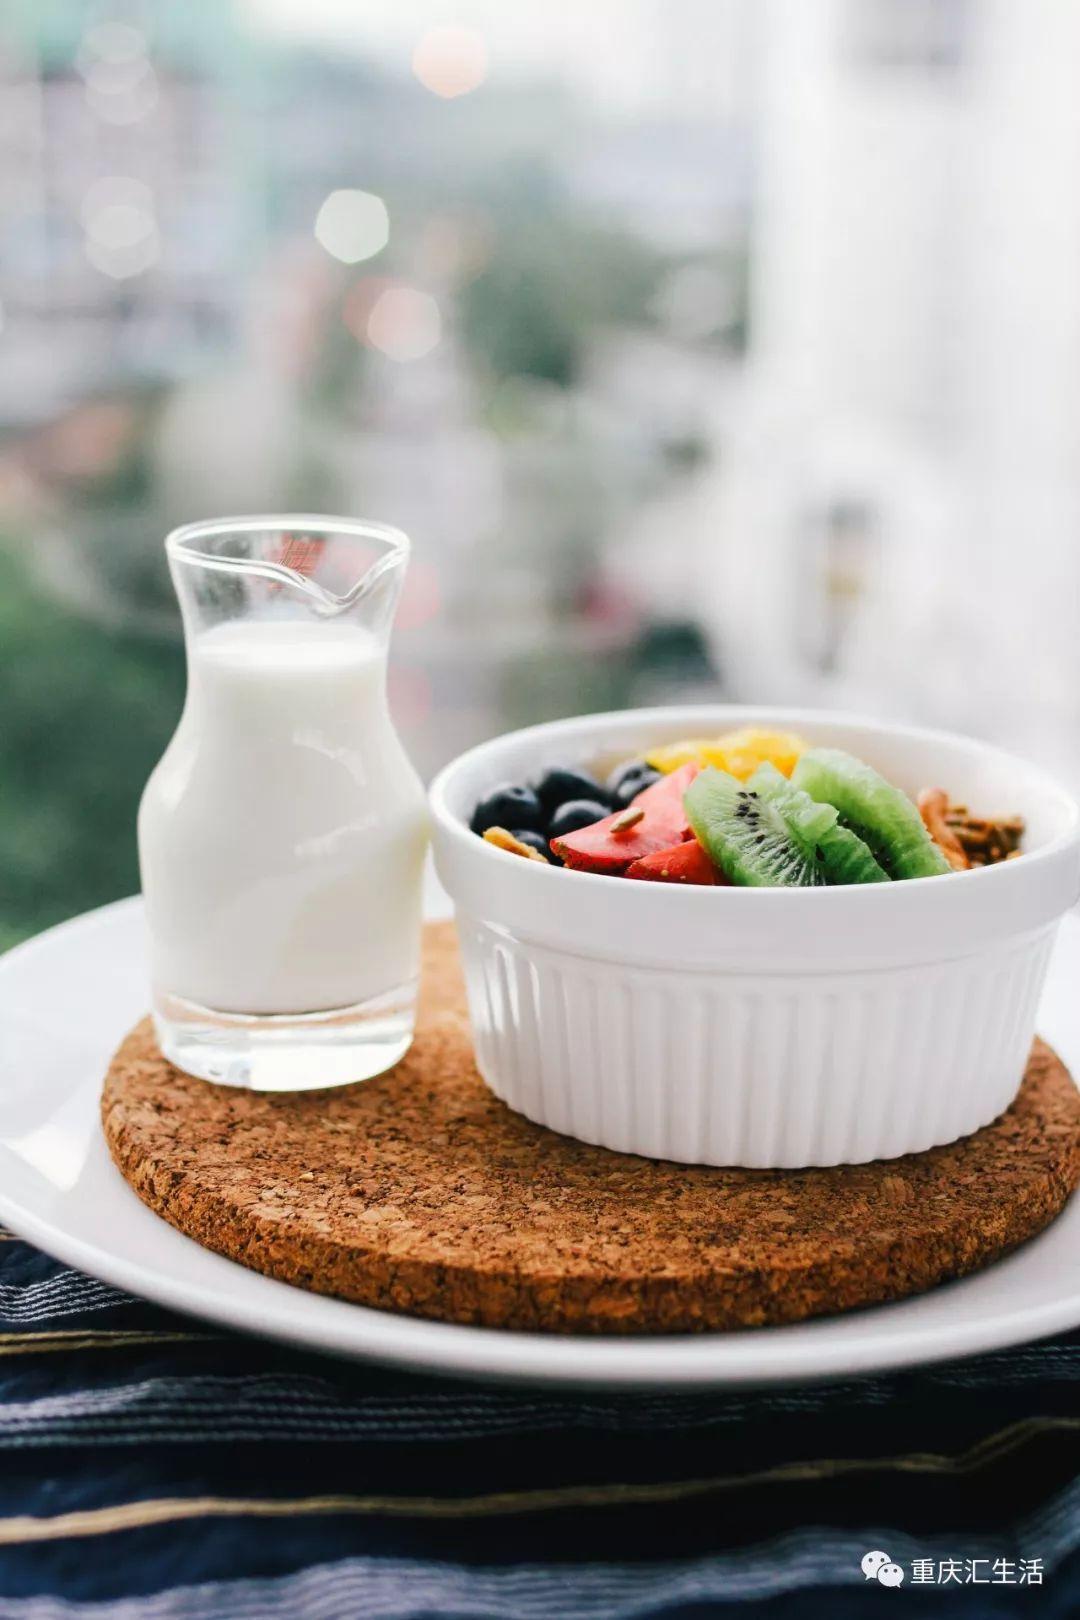 吃果酱会发胖吗,果酱有什么营养价值-乐哈健康网